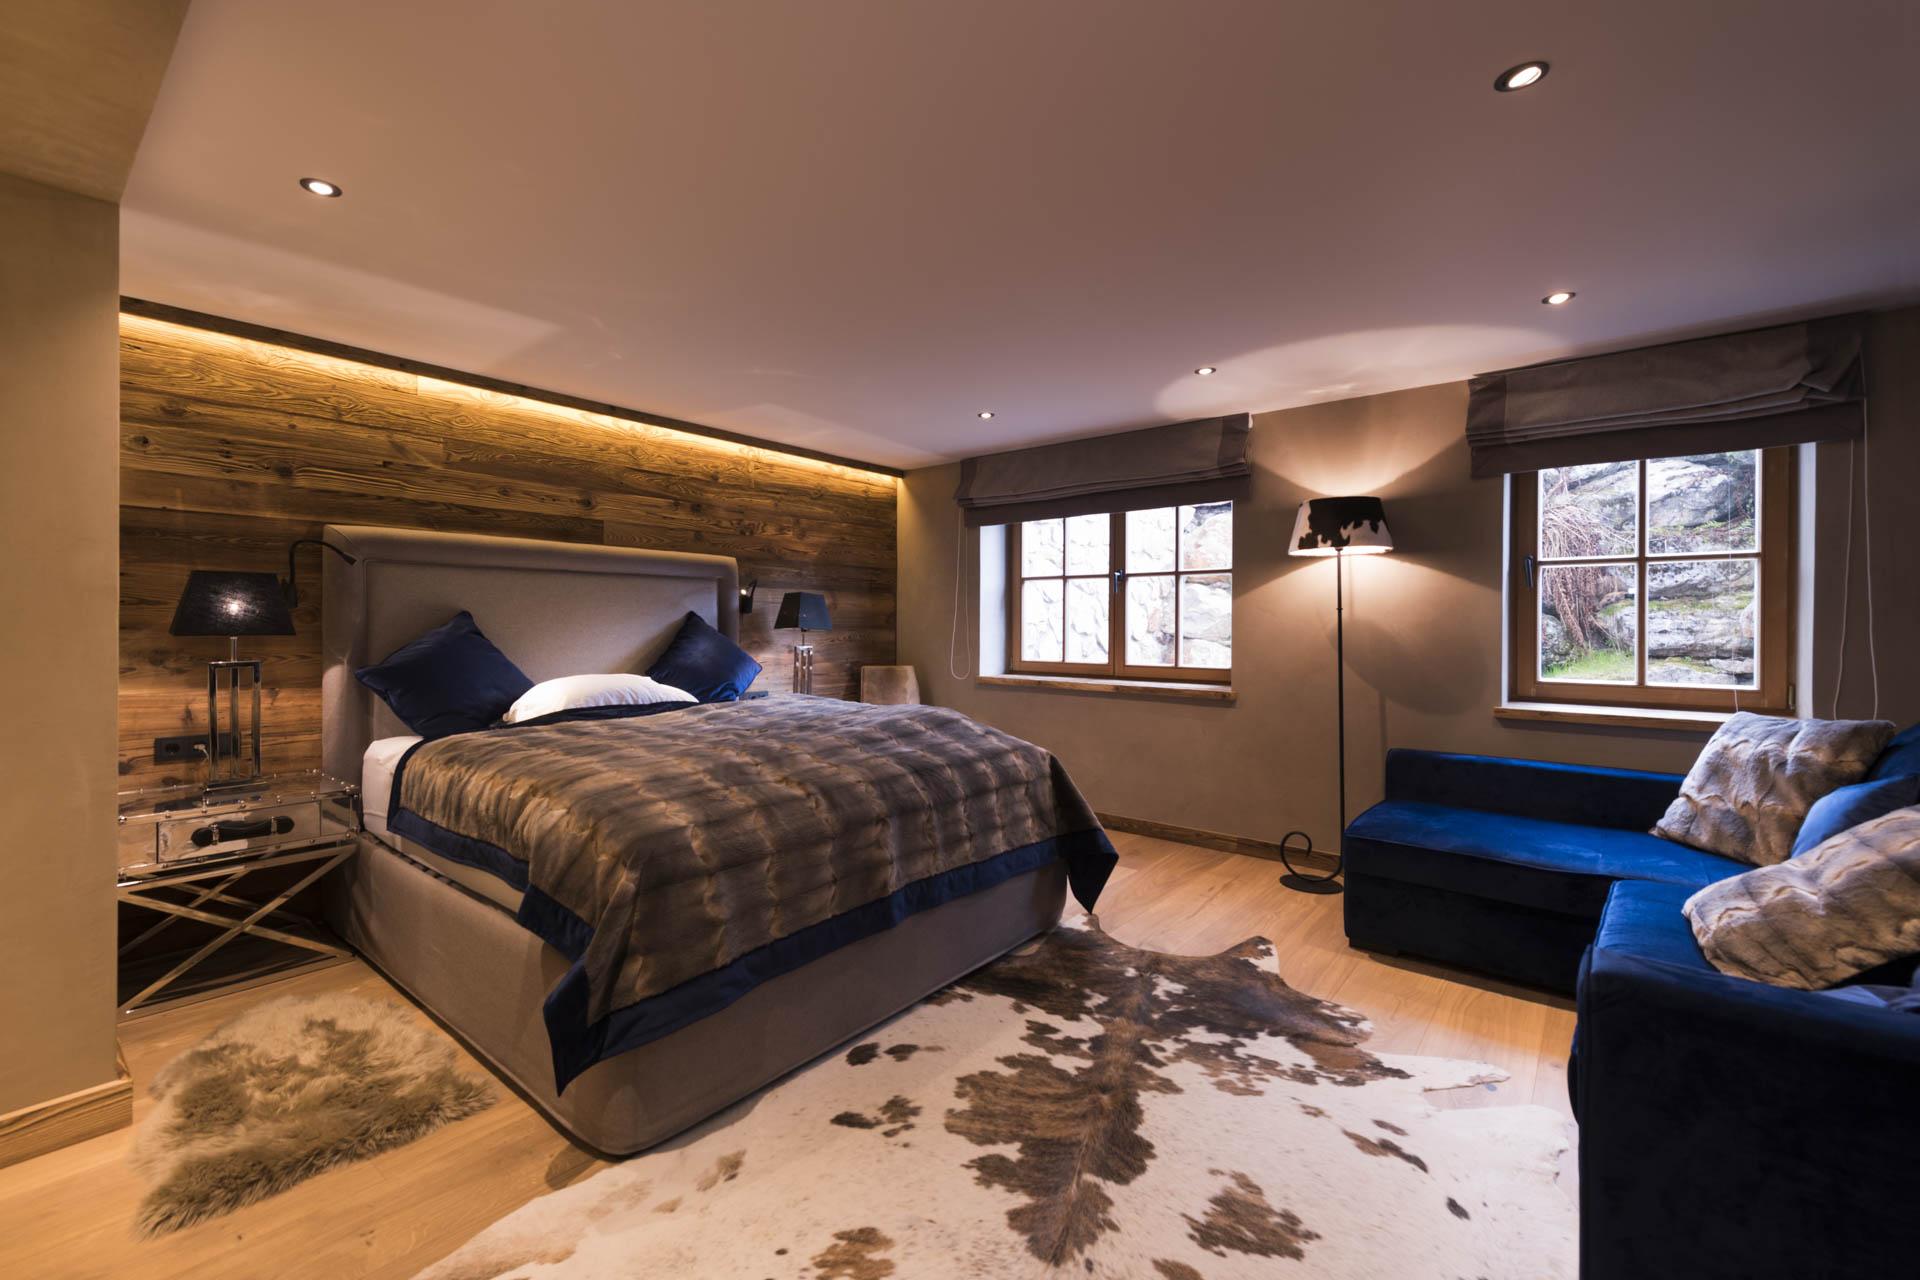 Tischlerei-Decker-Projekte-Wohnung-F-blaues-Schlafzimmer